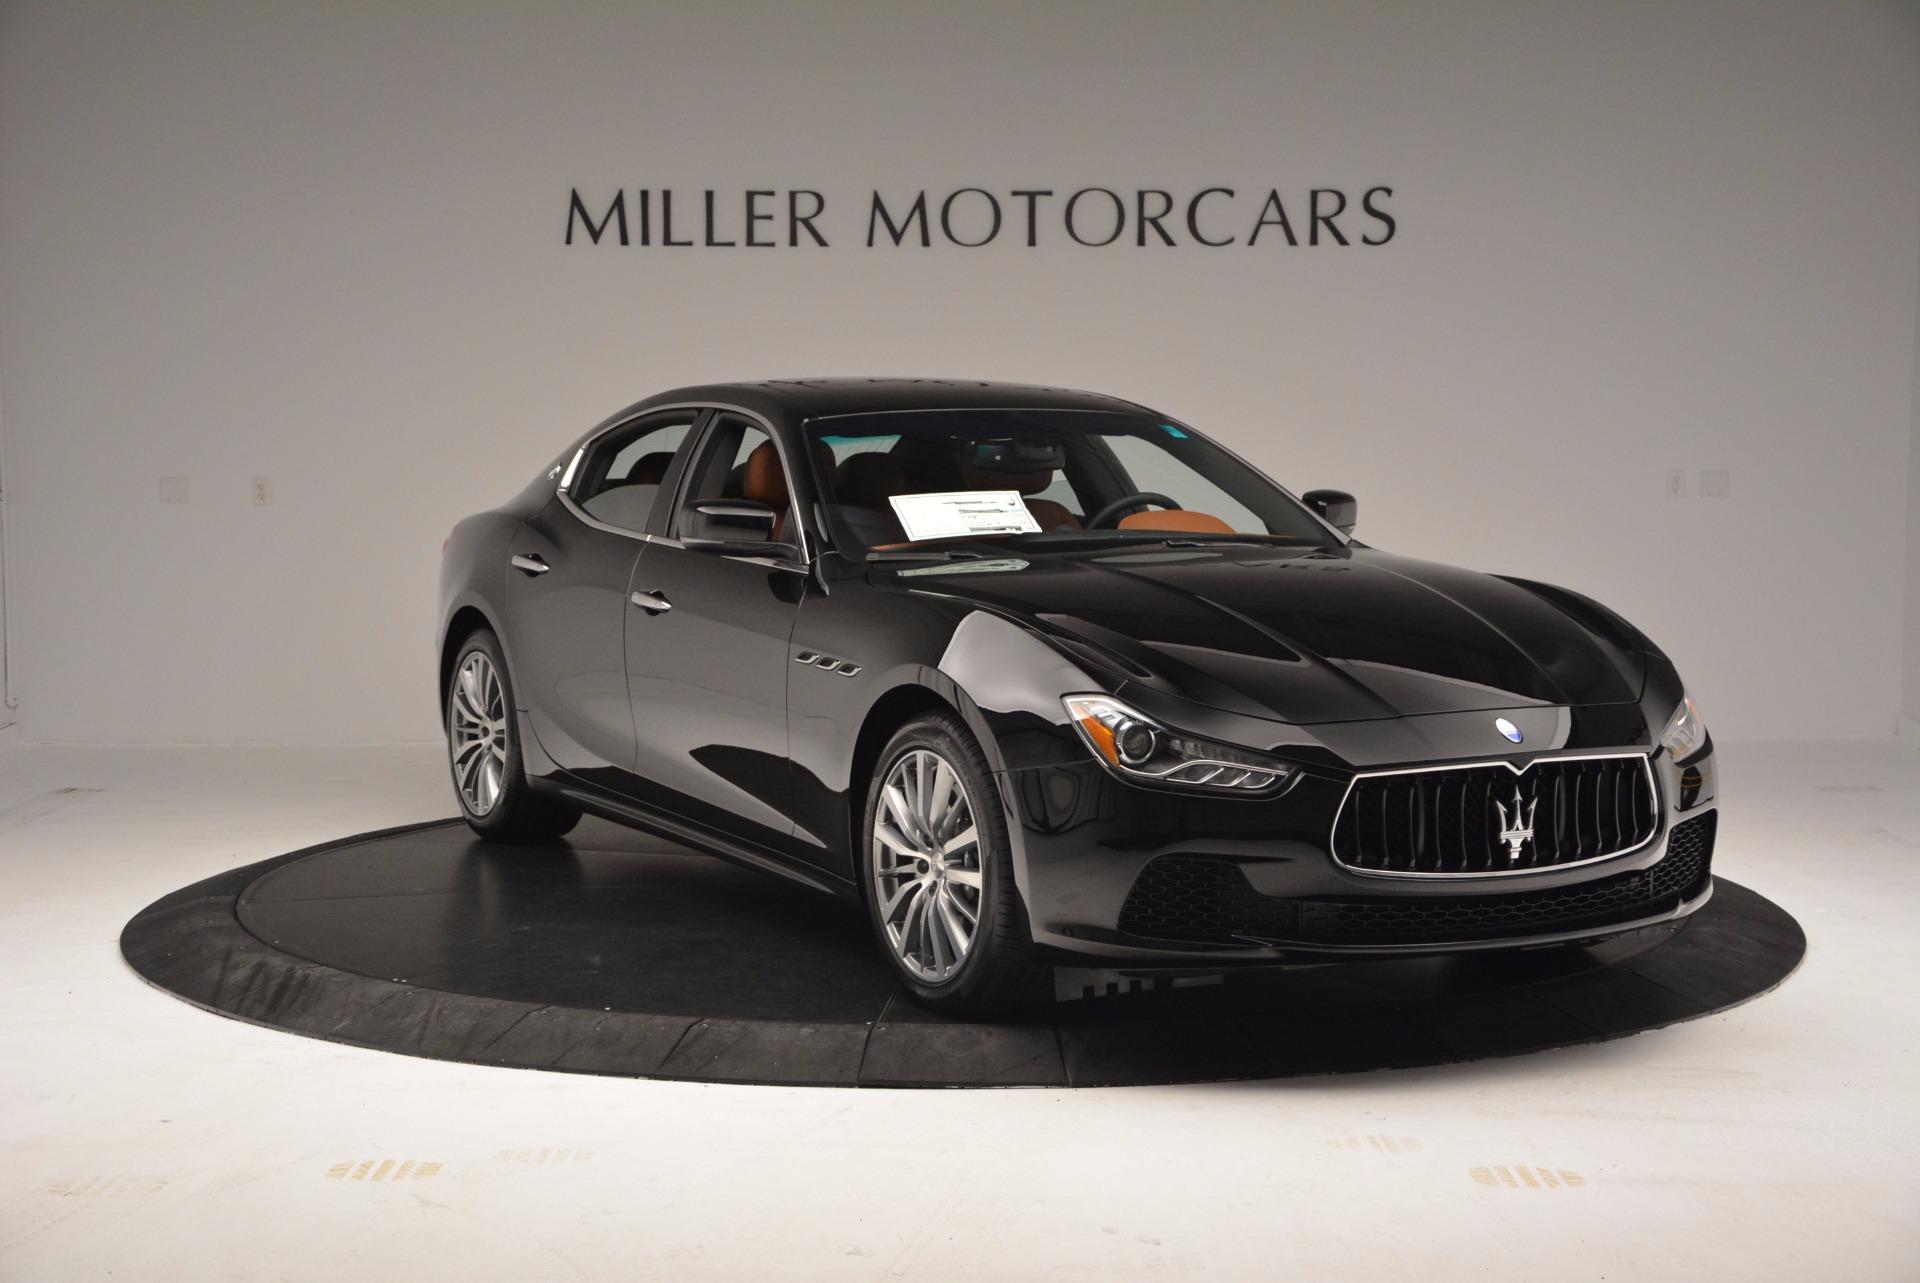 New 2017 Maserati Ghibli SQ4 For Sale In Greenwich, CT 1043_p11